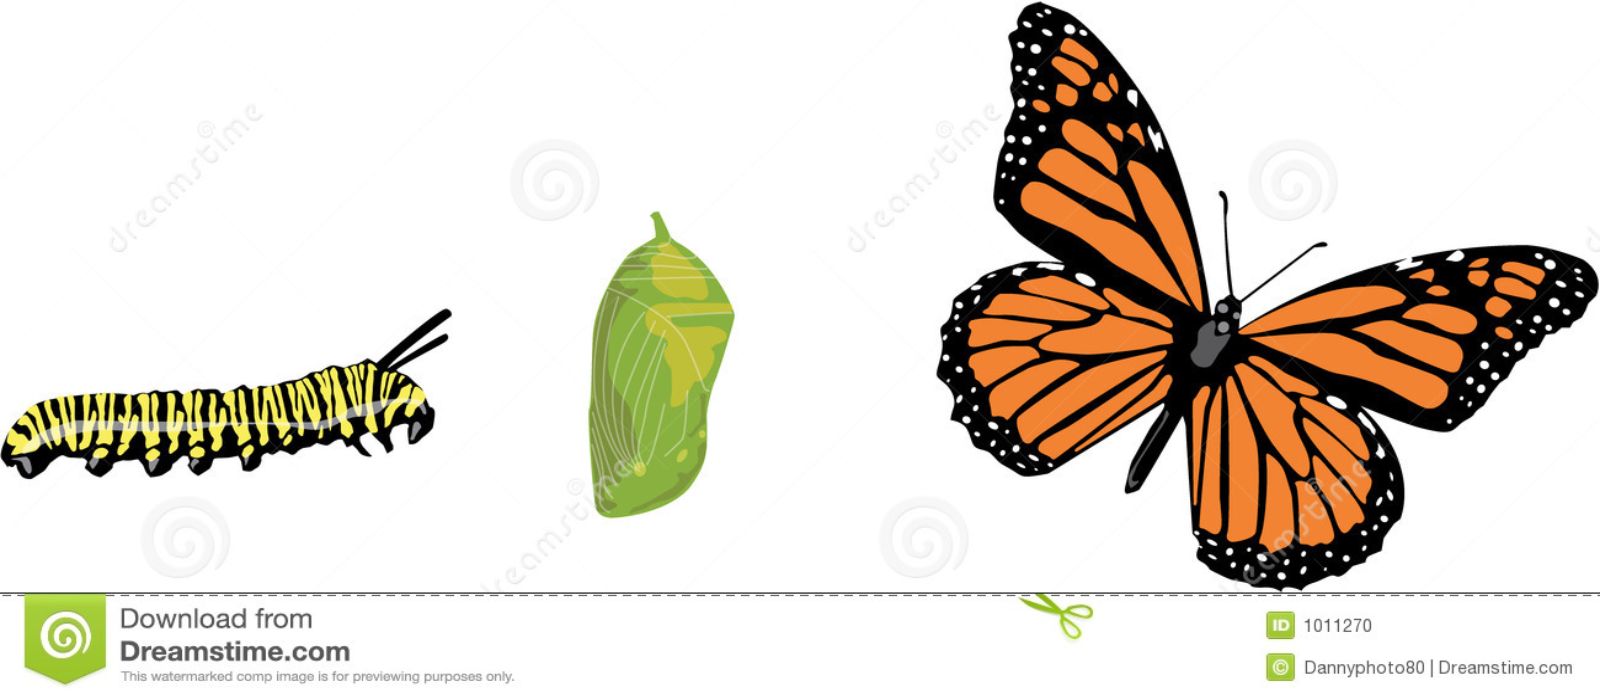 https://i1.wp.com/thumbs.dreamstime.com/z/ciclo-vital-de-la-mariposa-1011270.jpg